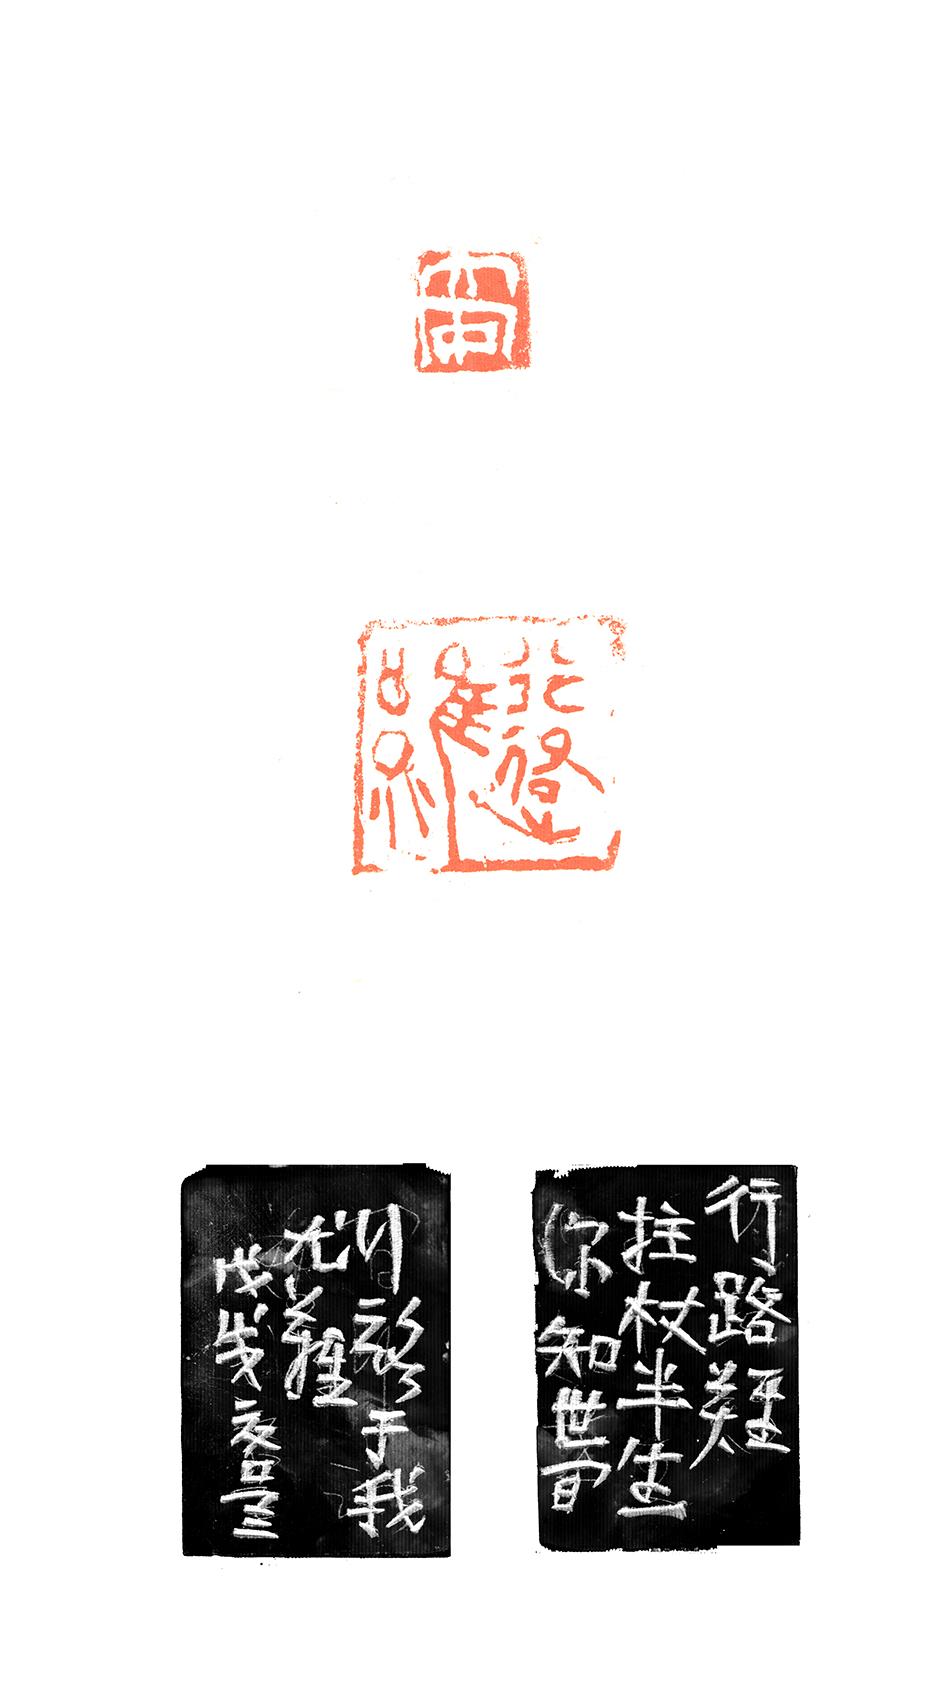 大安行路难(2